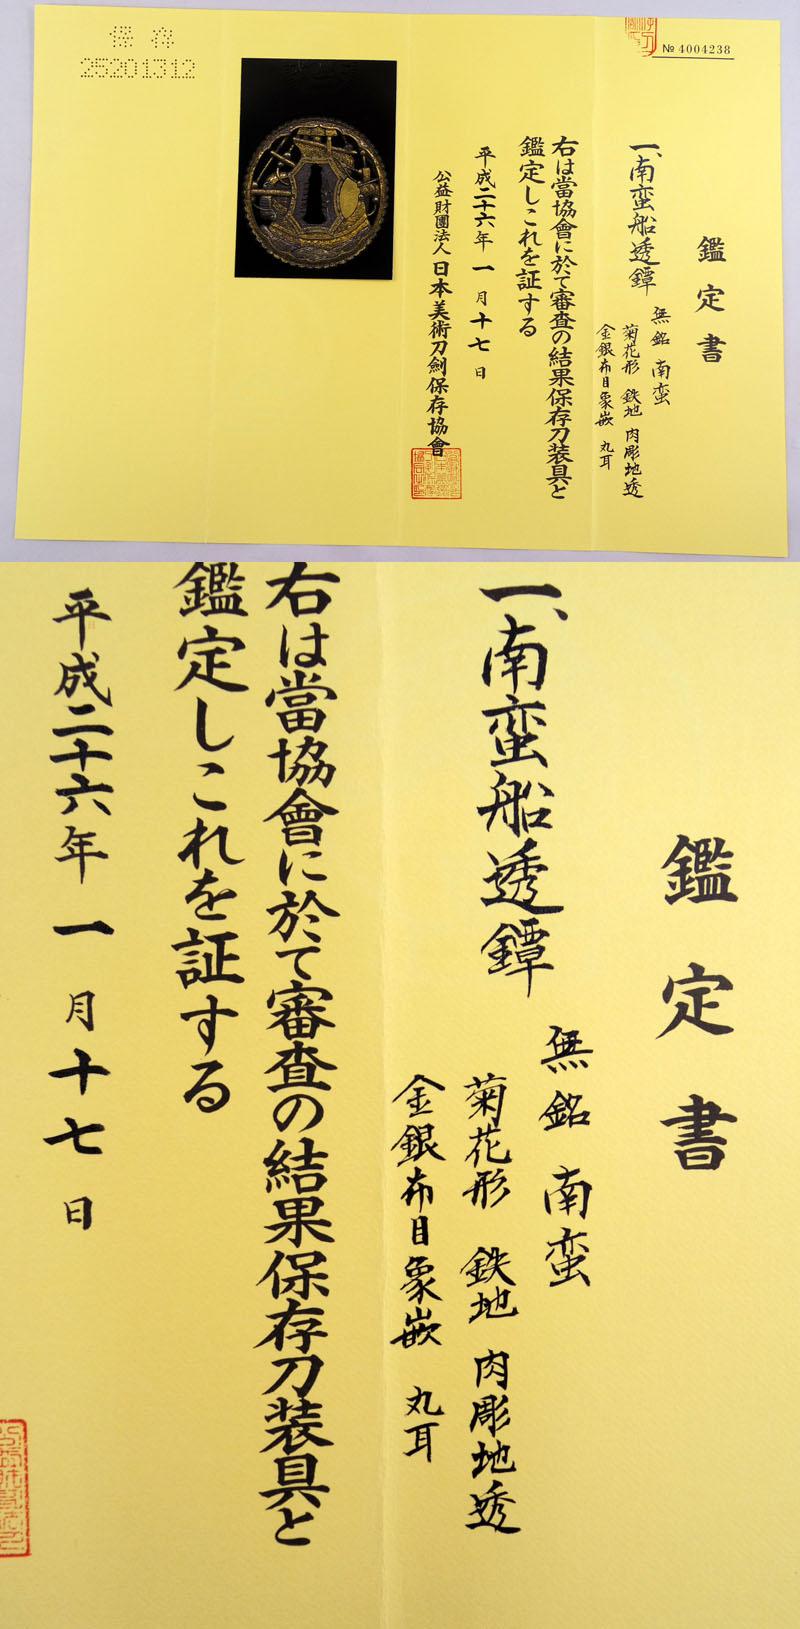 南蛮船透鍔 無銘 南蛮 Picture of Certificate